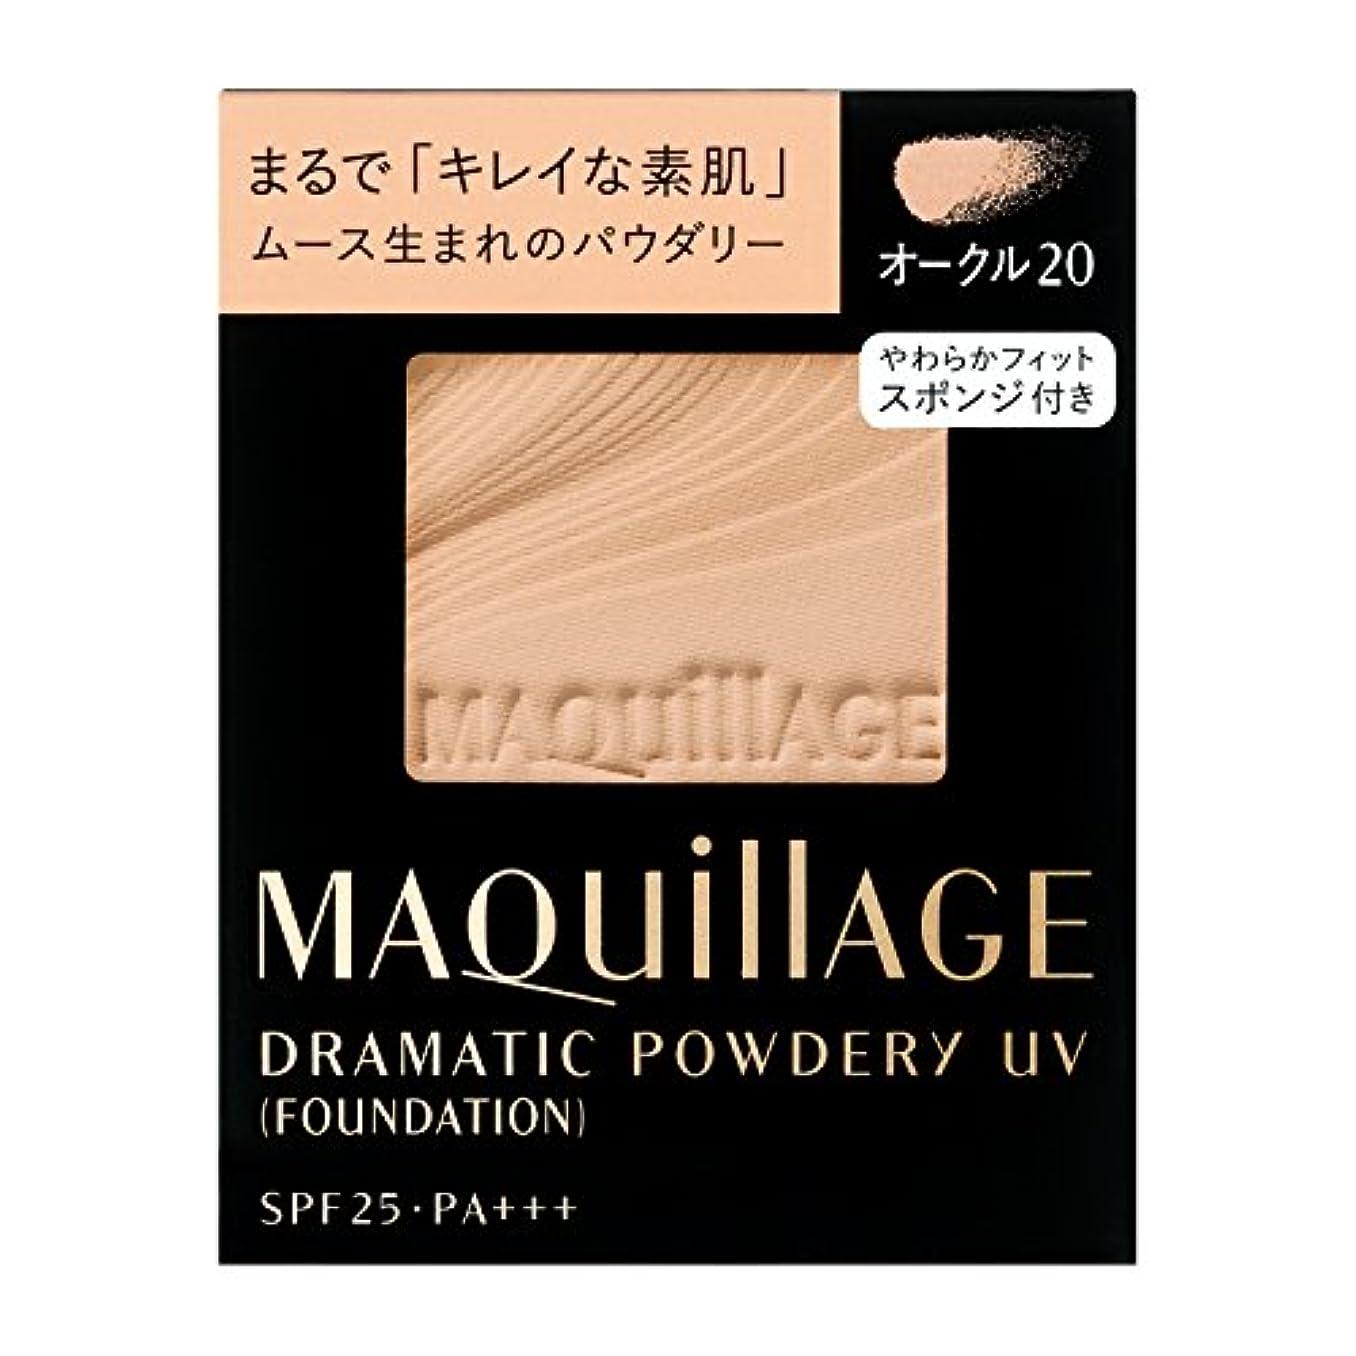 [2個セット]マキアージュ ドラマティックパウダリー UV オークル20 (レフィル) 9.3g×2個